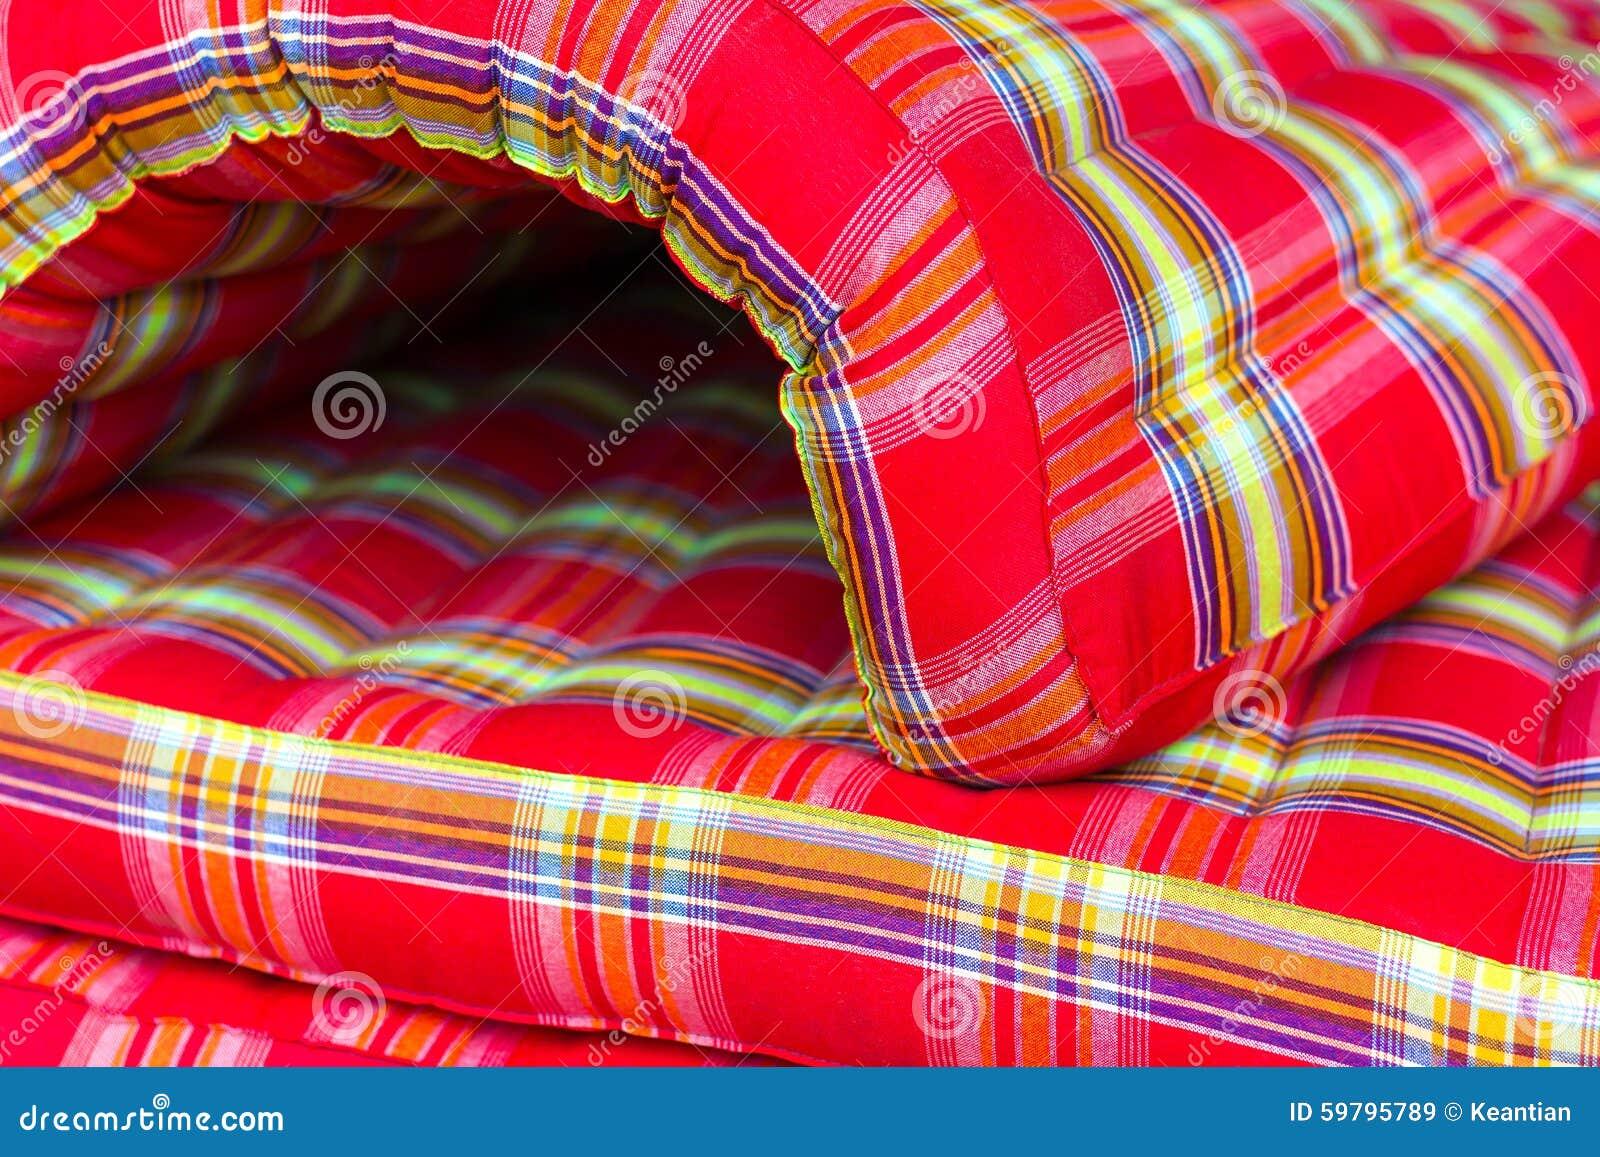 Verdraaide rolmatras stock afbeelding afbeelding bestaande uit cultuur 59795789 - Halve cirkelbank ...